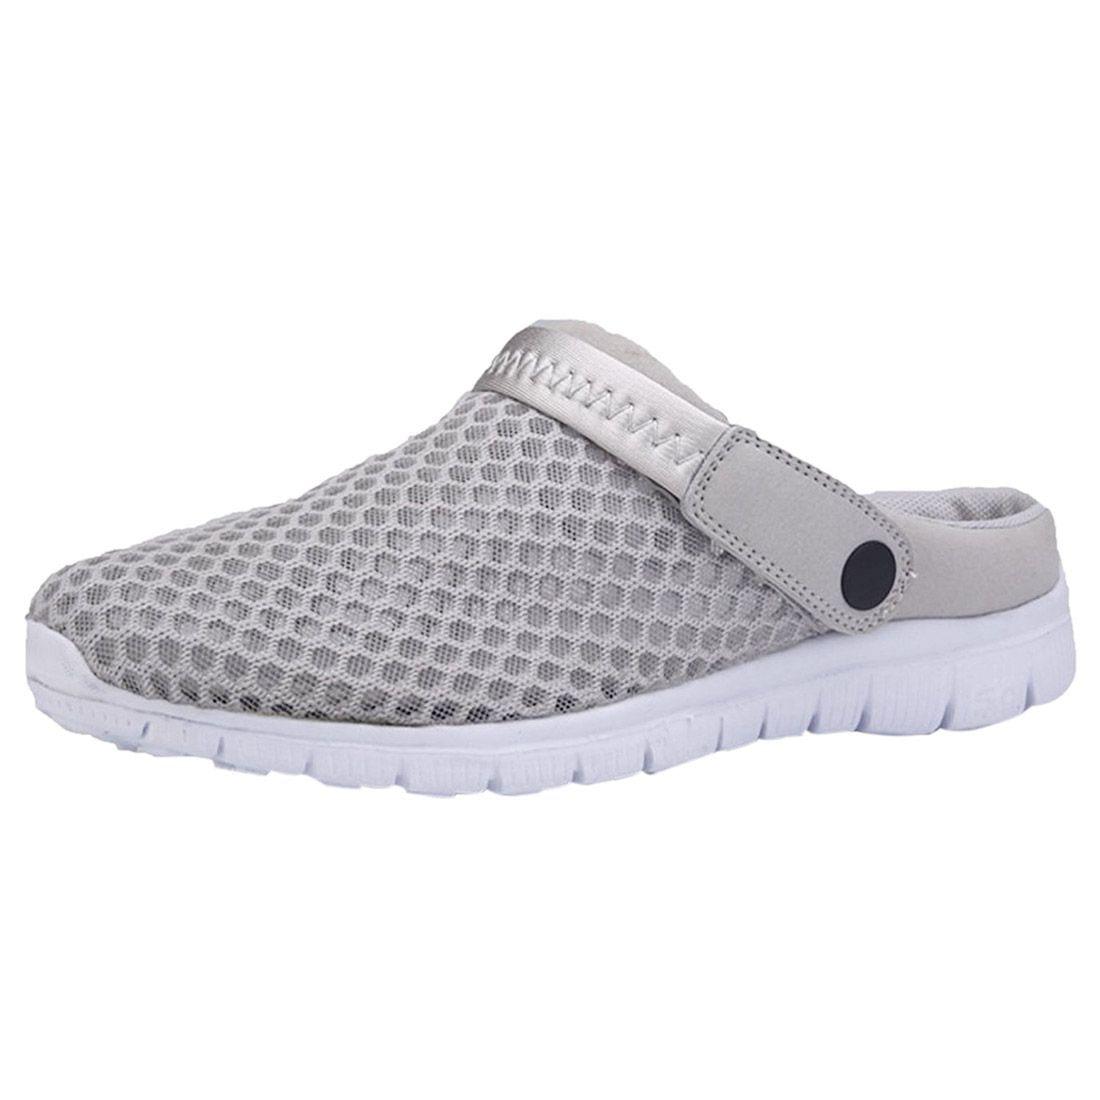 Pantoufles Sandales D'été Paire Casual Respirant Blue gray Chaussures Mesh Net Plage Hommes Black 1 Évider deep 0WHUU